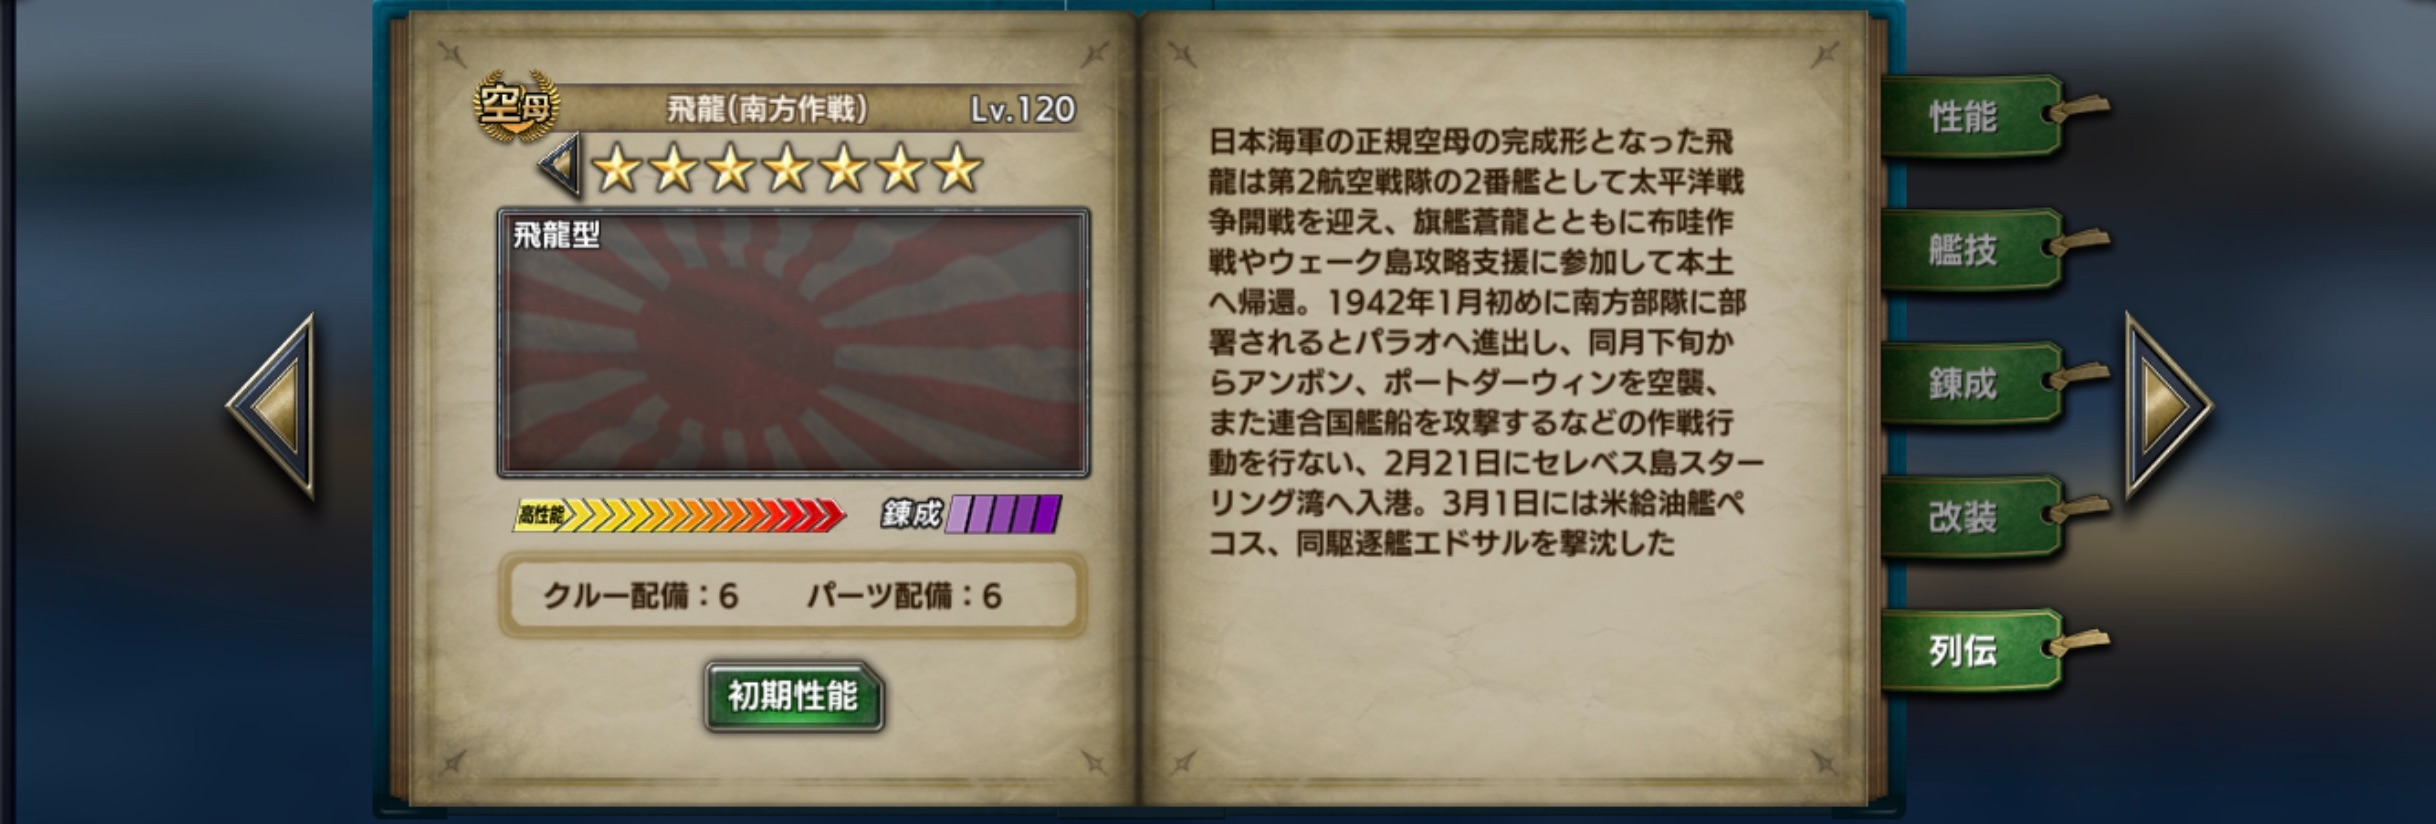 HiryūN-history